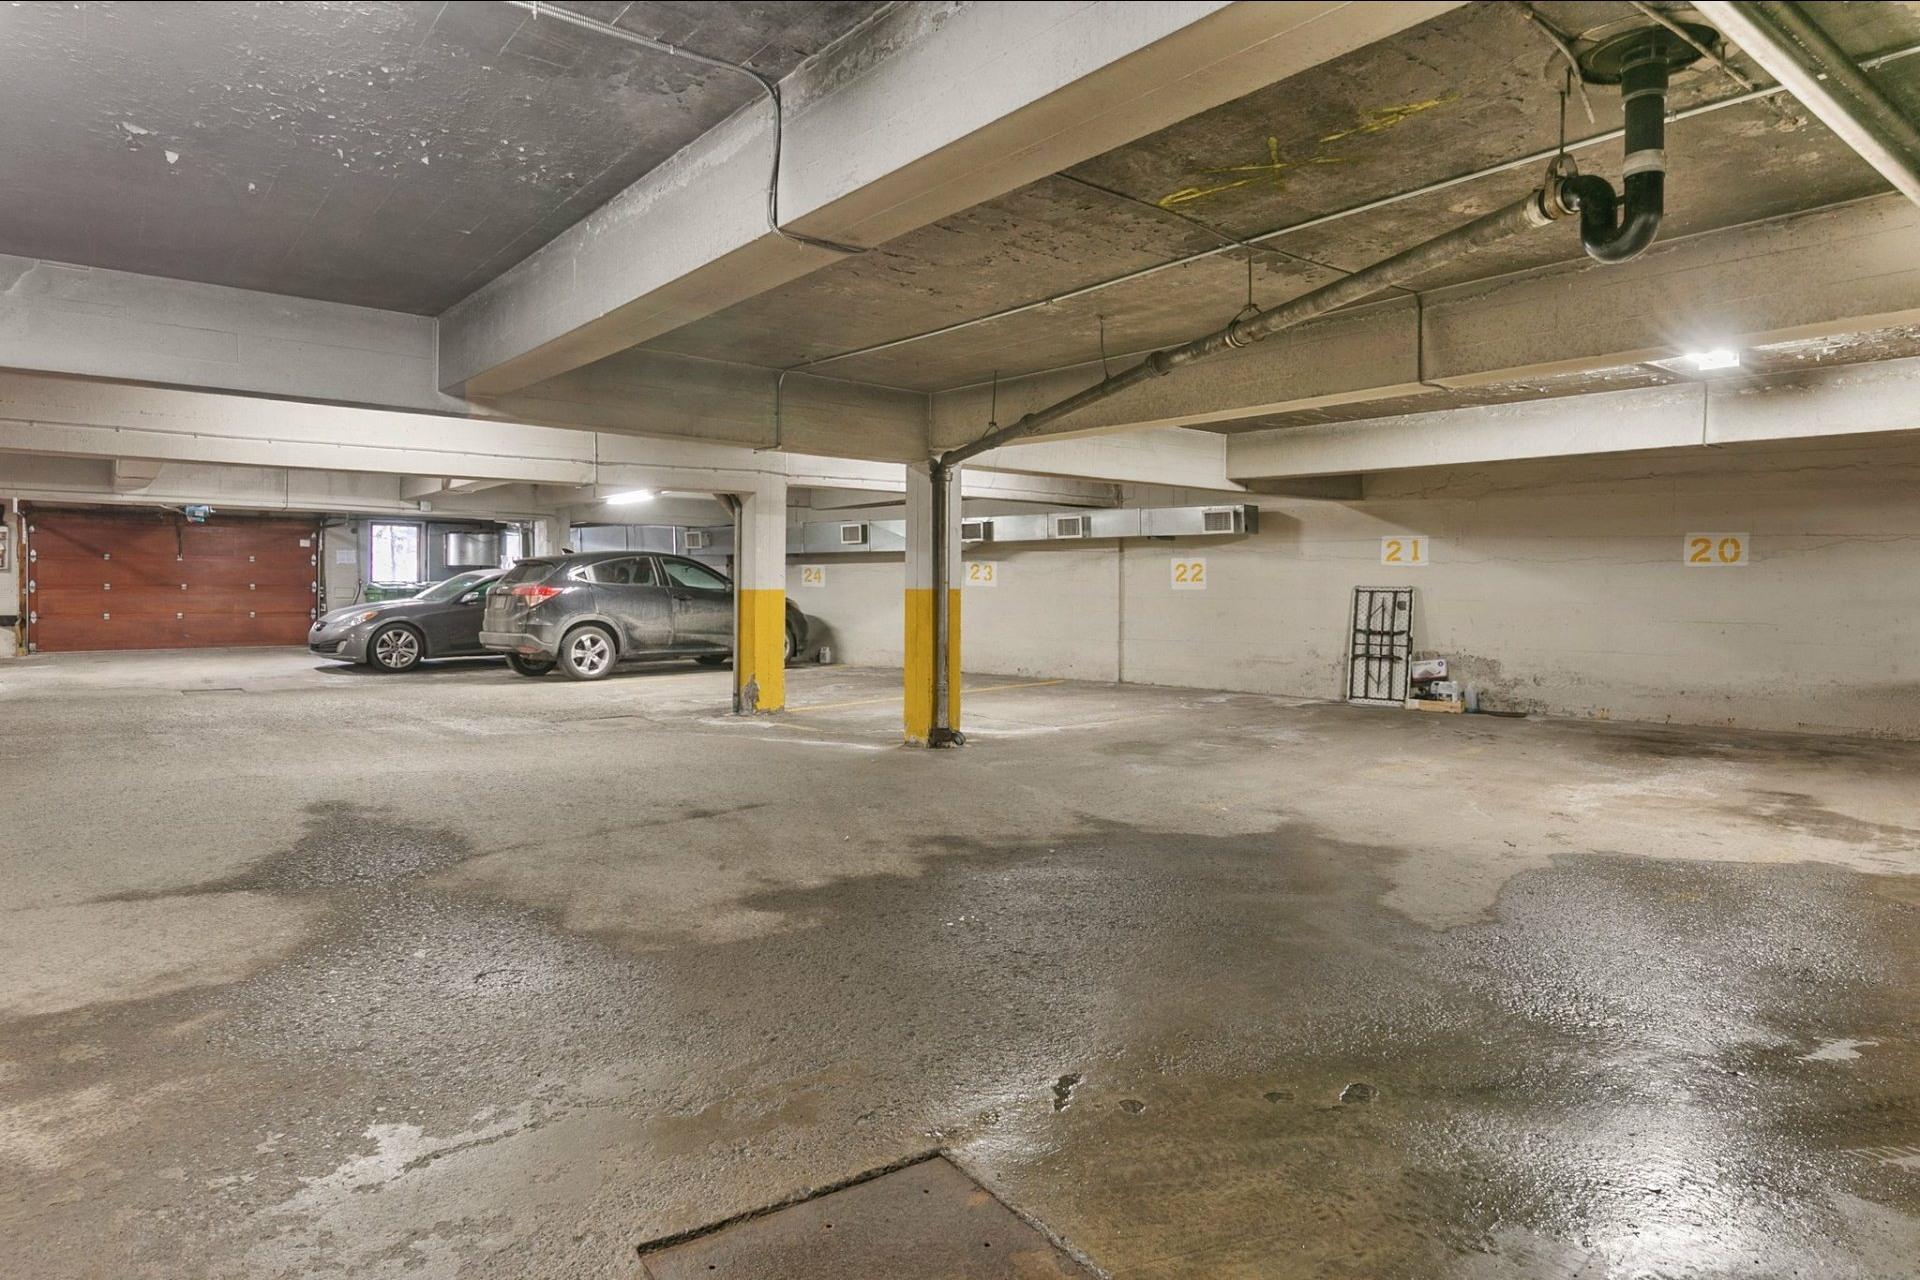 image 15 - Appartement À vendre Côte-des-Neiges/Notre-Dame-de-Grâce Montréal  - 5 pièces